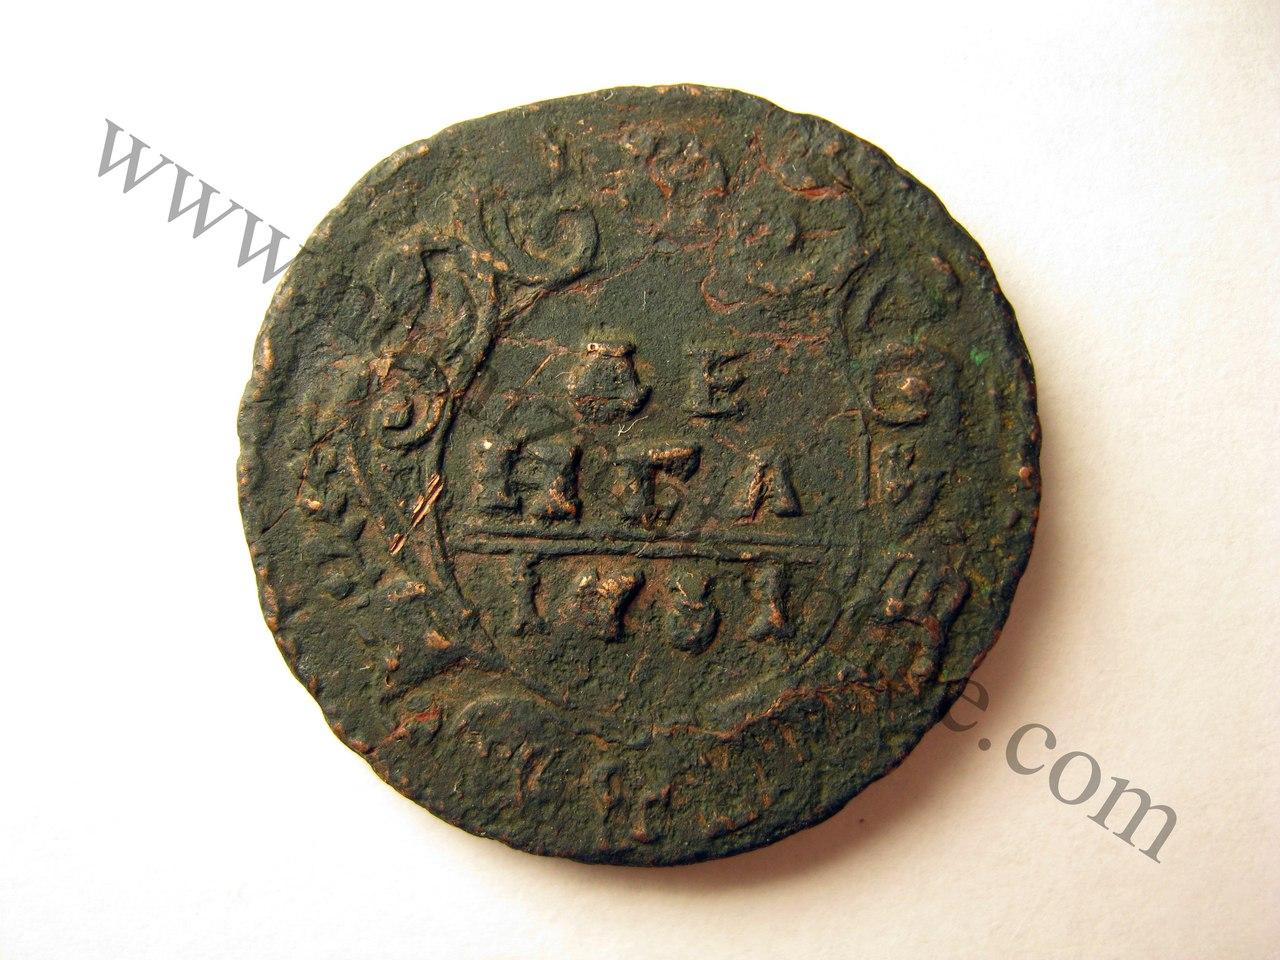 Денга 1731 года стоимость одной монеты монеты мексики 2017 года